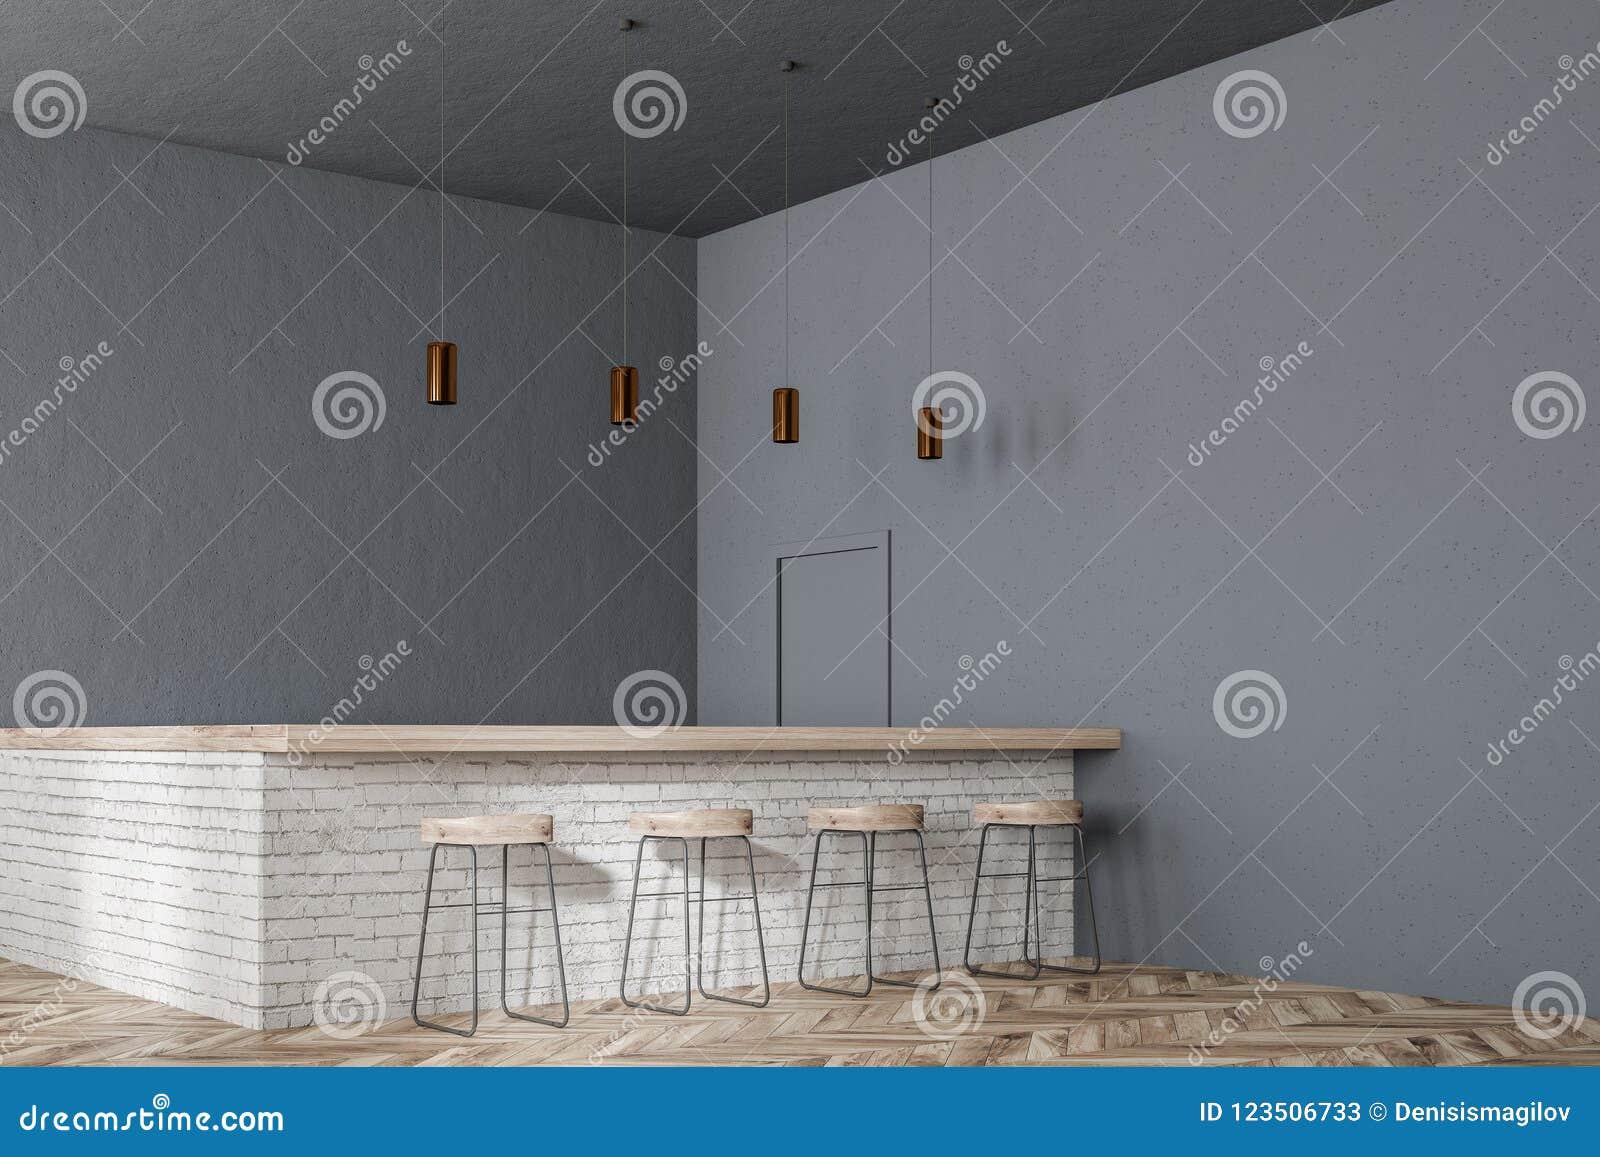 d8ac4b347851 Barra con los taburetes en una esquina moderna del restaurante con paredes  grises, un piso de madera y una fila de las lámparas del techo mofa de la  ...